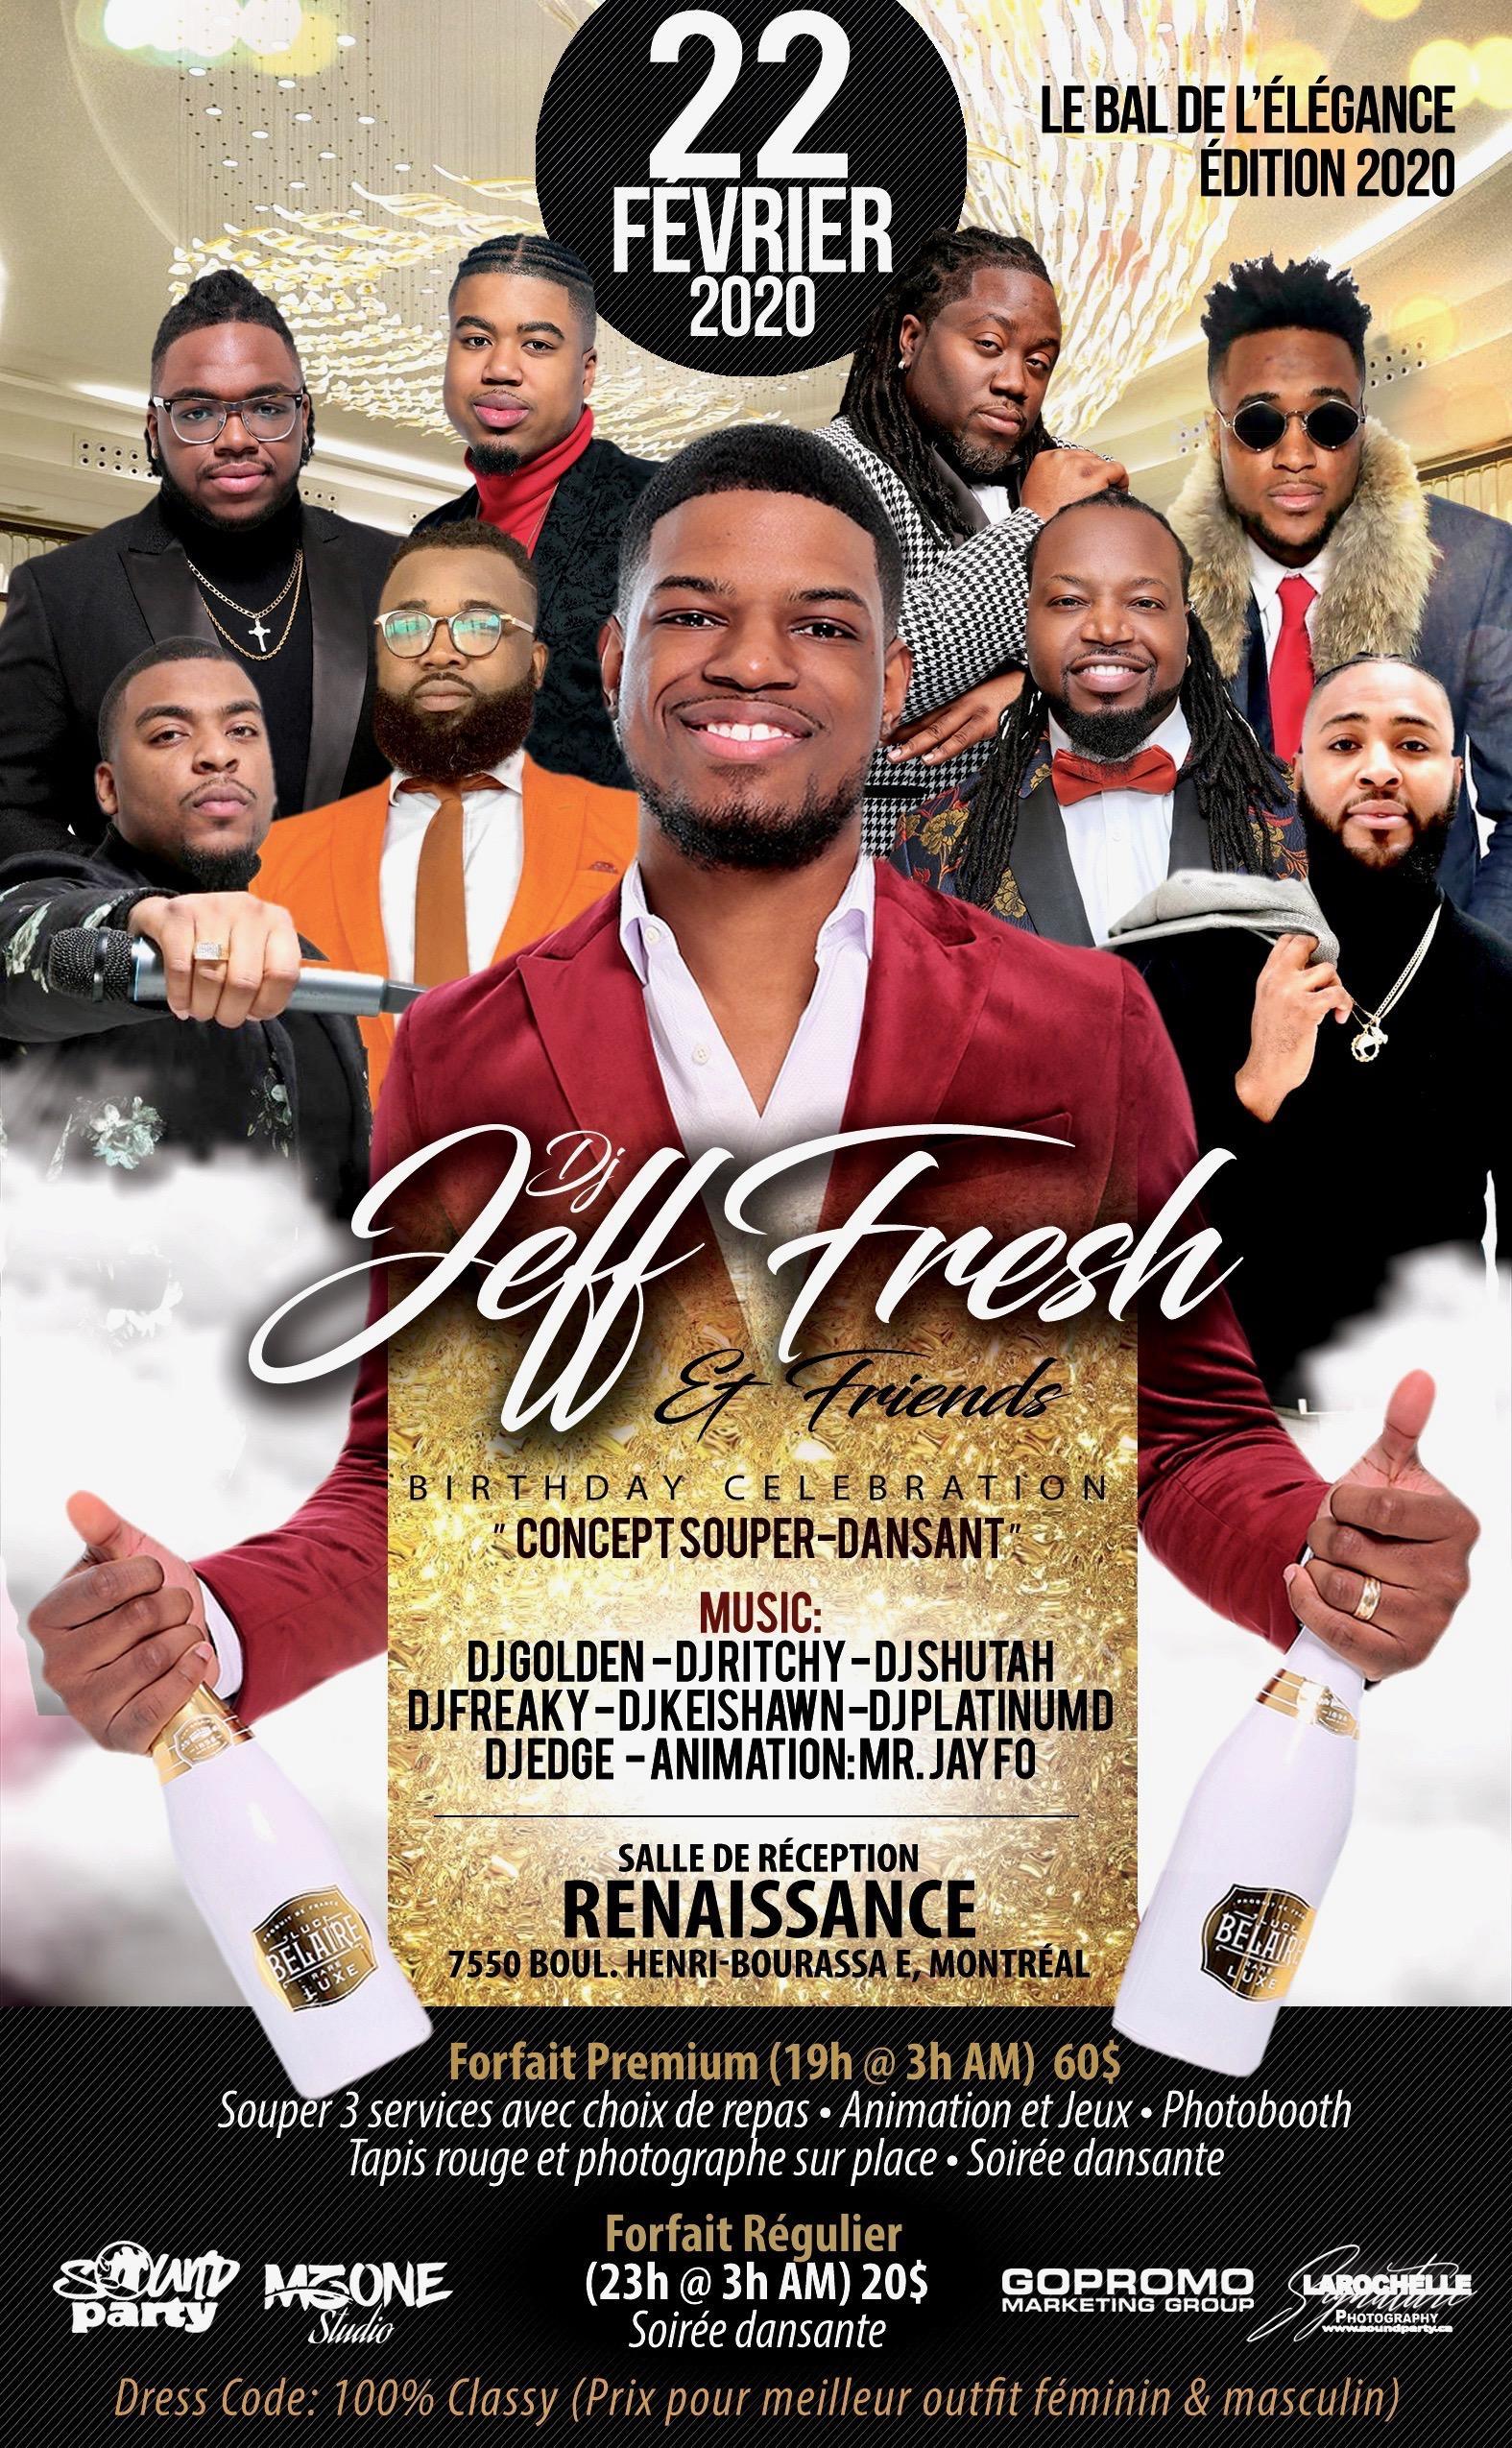 Le Bal de l'Élégance (DJ Jeff Fresh & Friends Birthday Celebration)